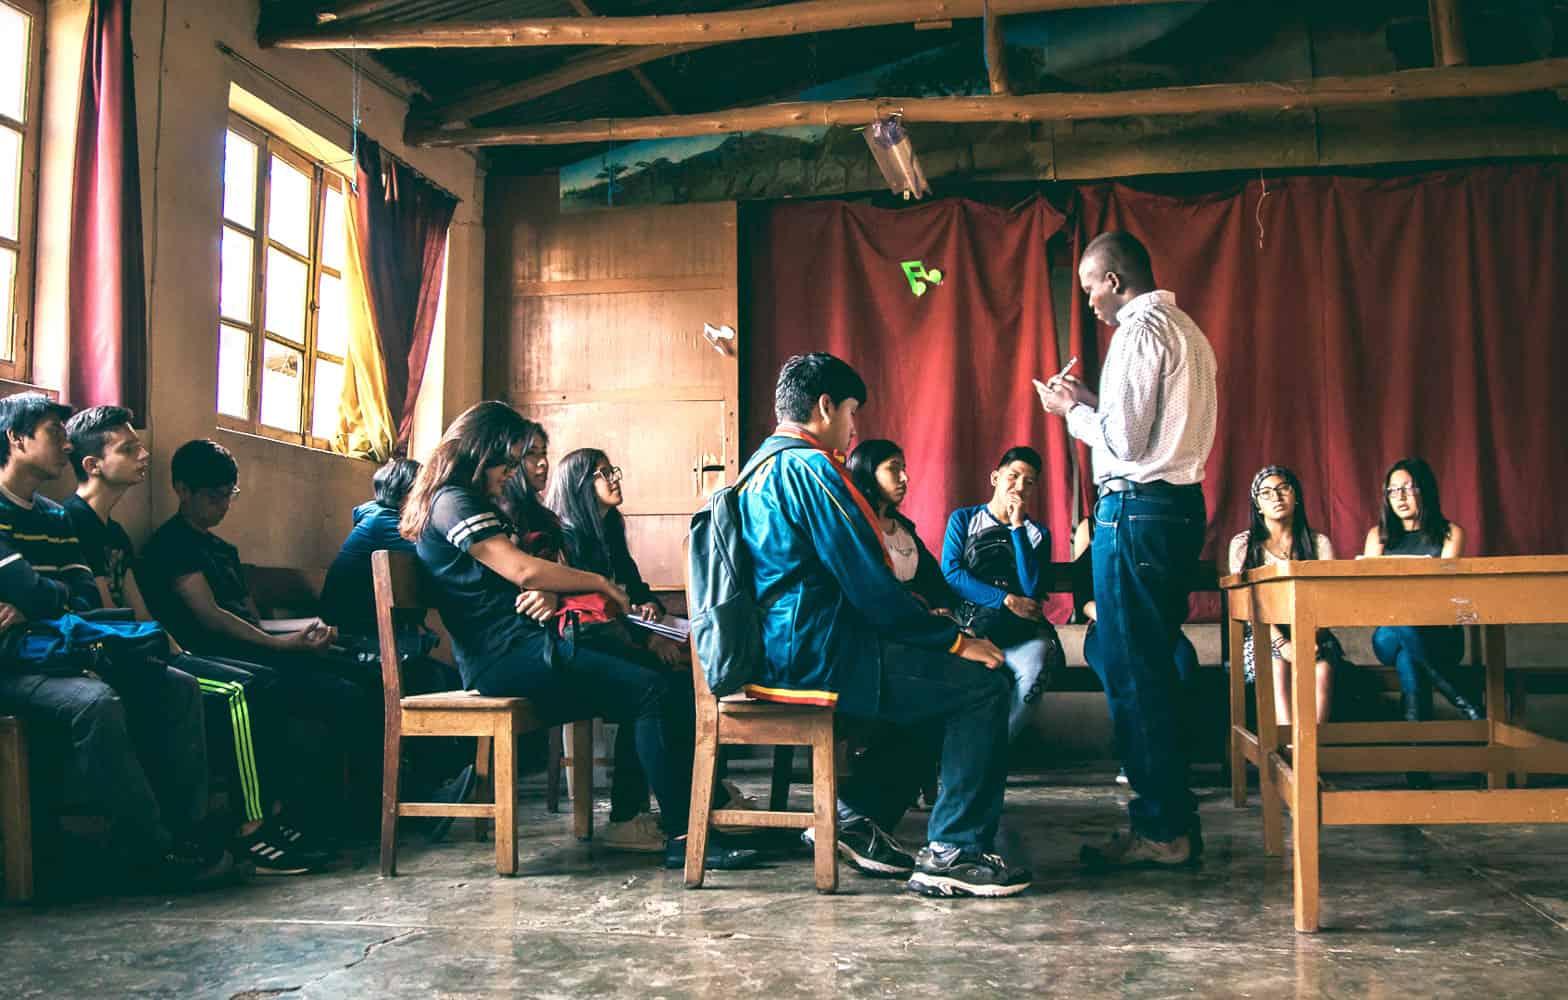 El seminarista de Maryknoll John Siyumbu, nacido en Kenya, está sirviendo en Bolivia. (Carlos Salinas/Bolivia)